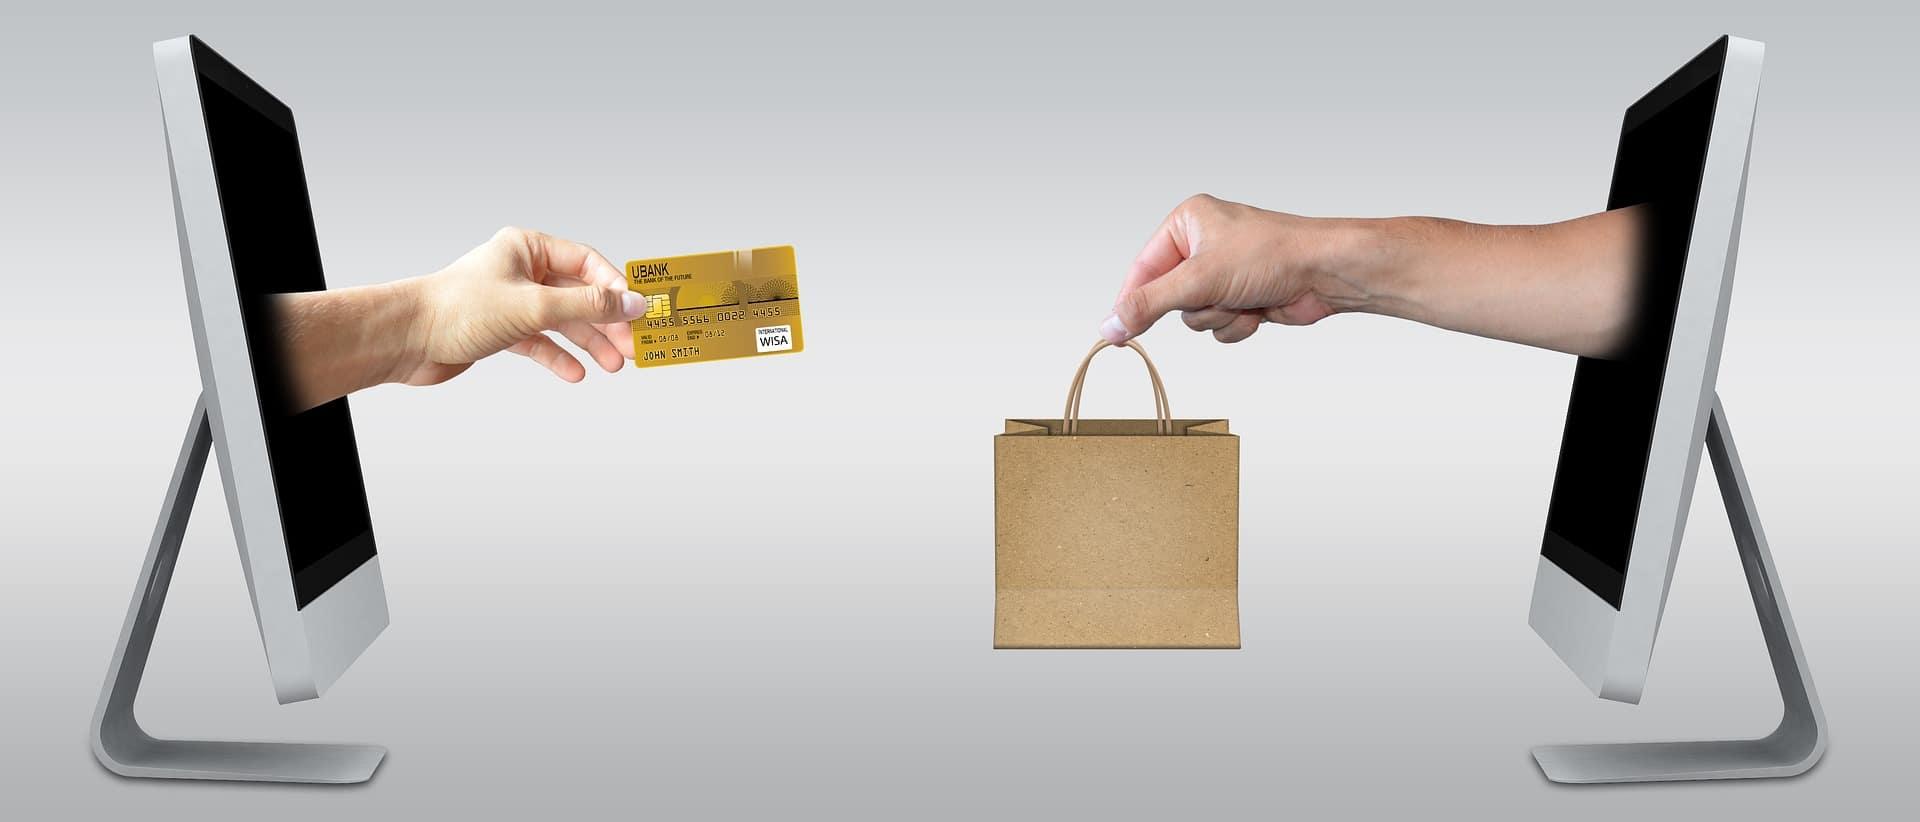 Zahlungsmethoden Im Internet